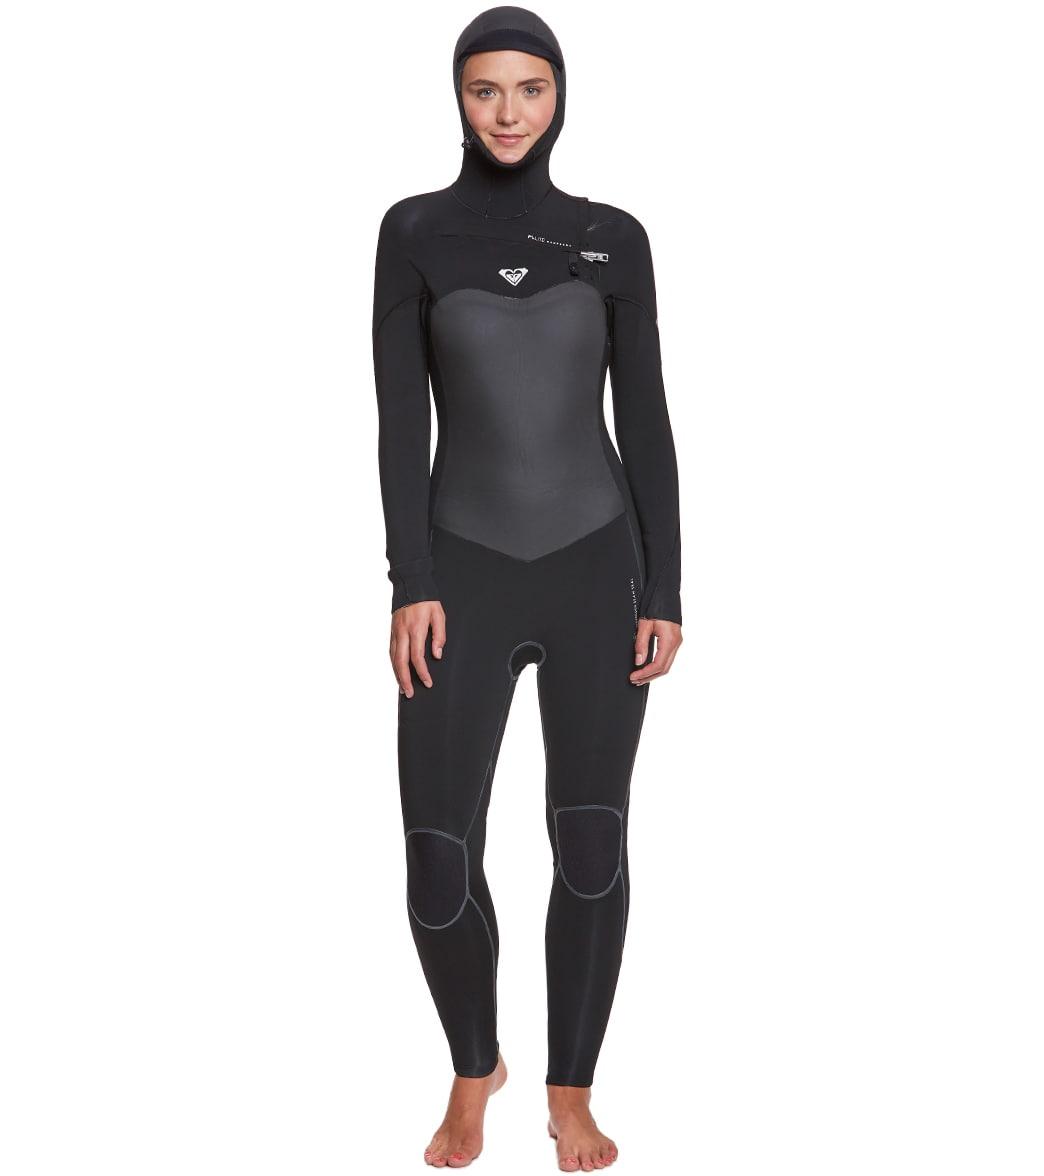 Roxy Women s 5 4 3MM Performance Chest Zip Hooded Fullsuit at ... 88d50e9cb